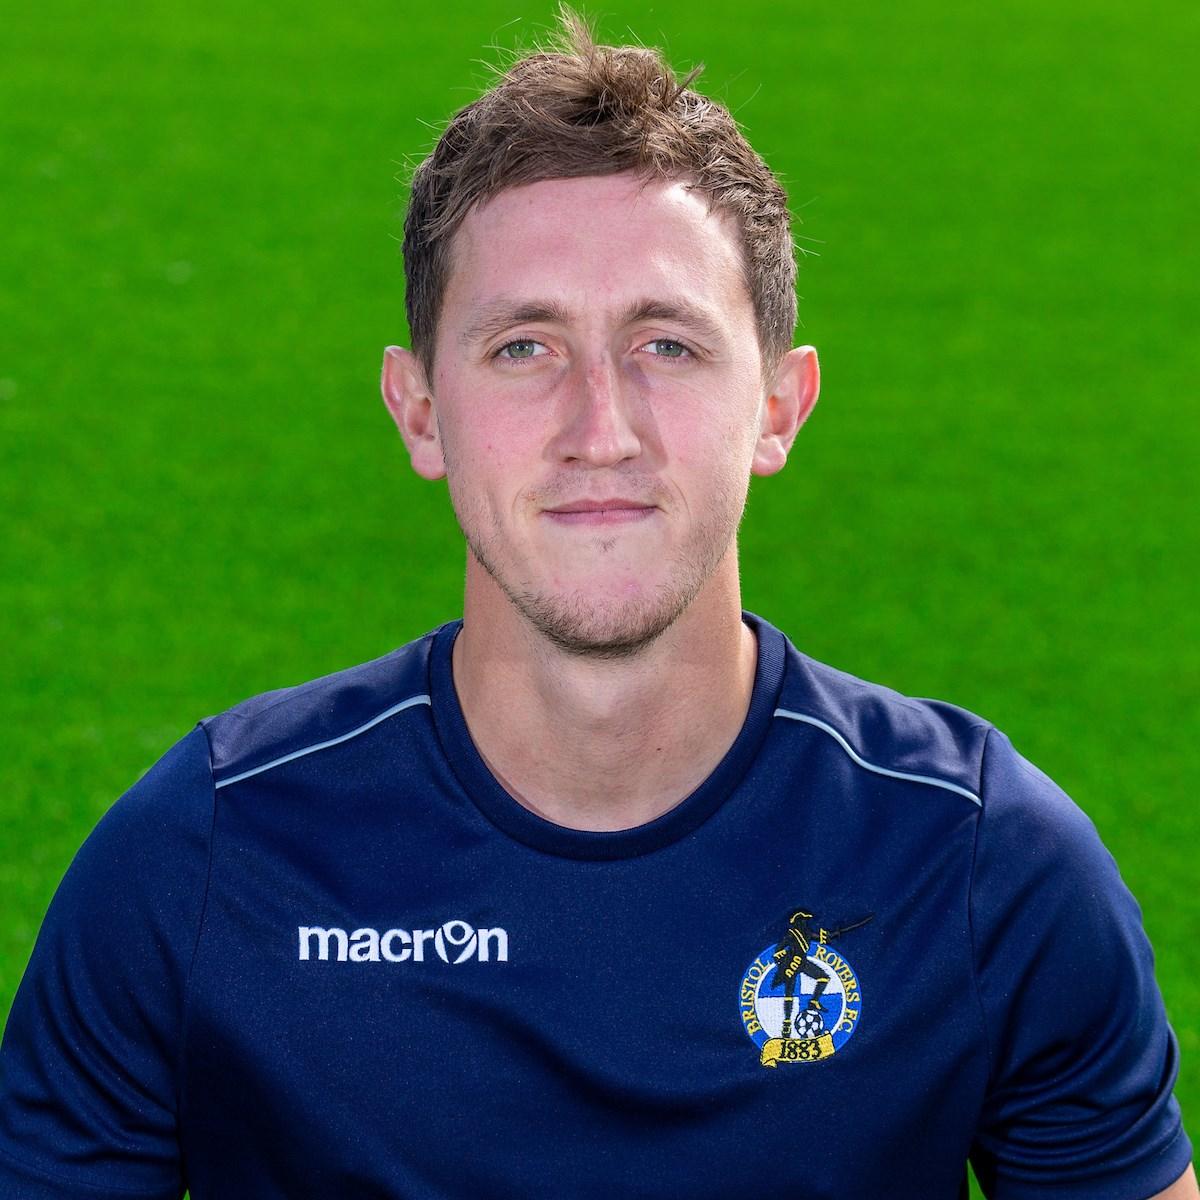 Dafydd Williams